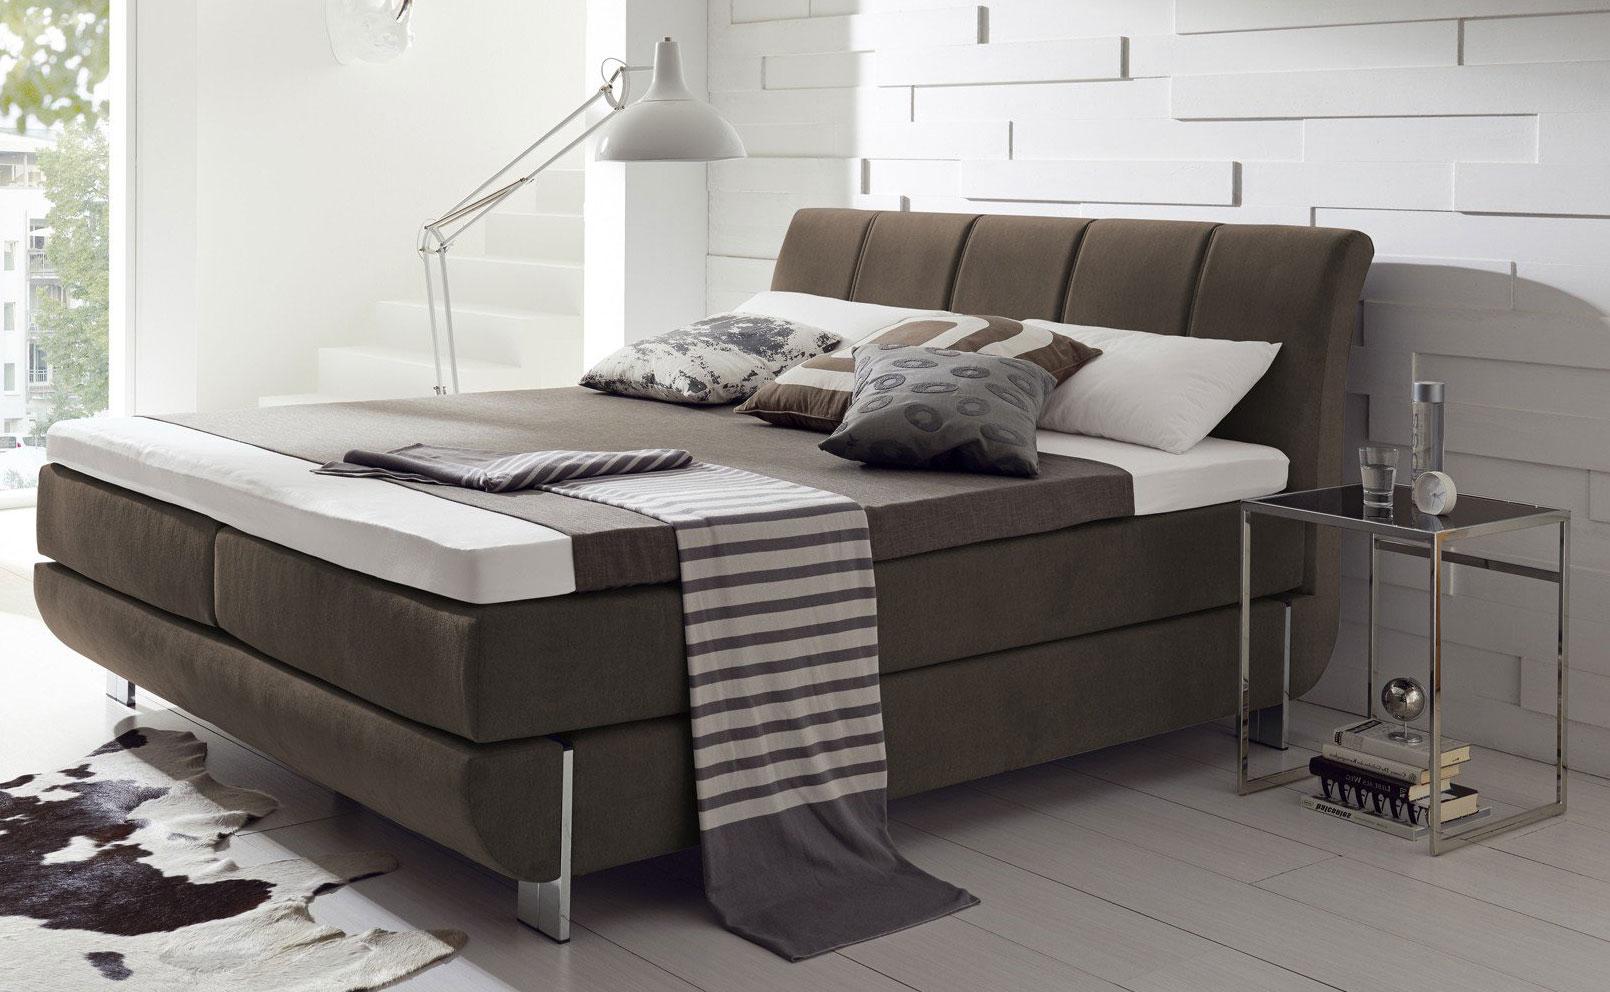 hapo ronda boxspringbett 100x200 cm in vielen farben. Black Bedroom Furniture Sets. Home Design Ideas